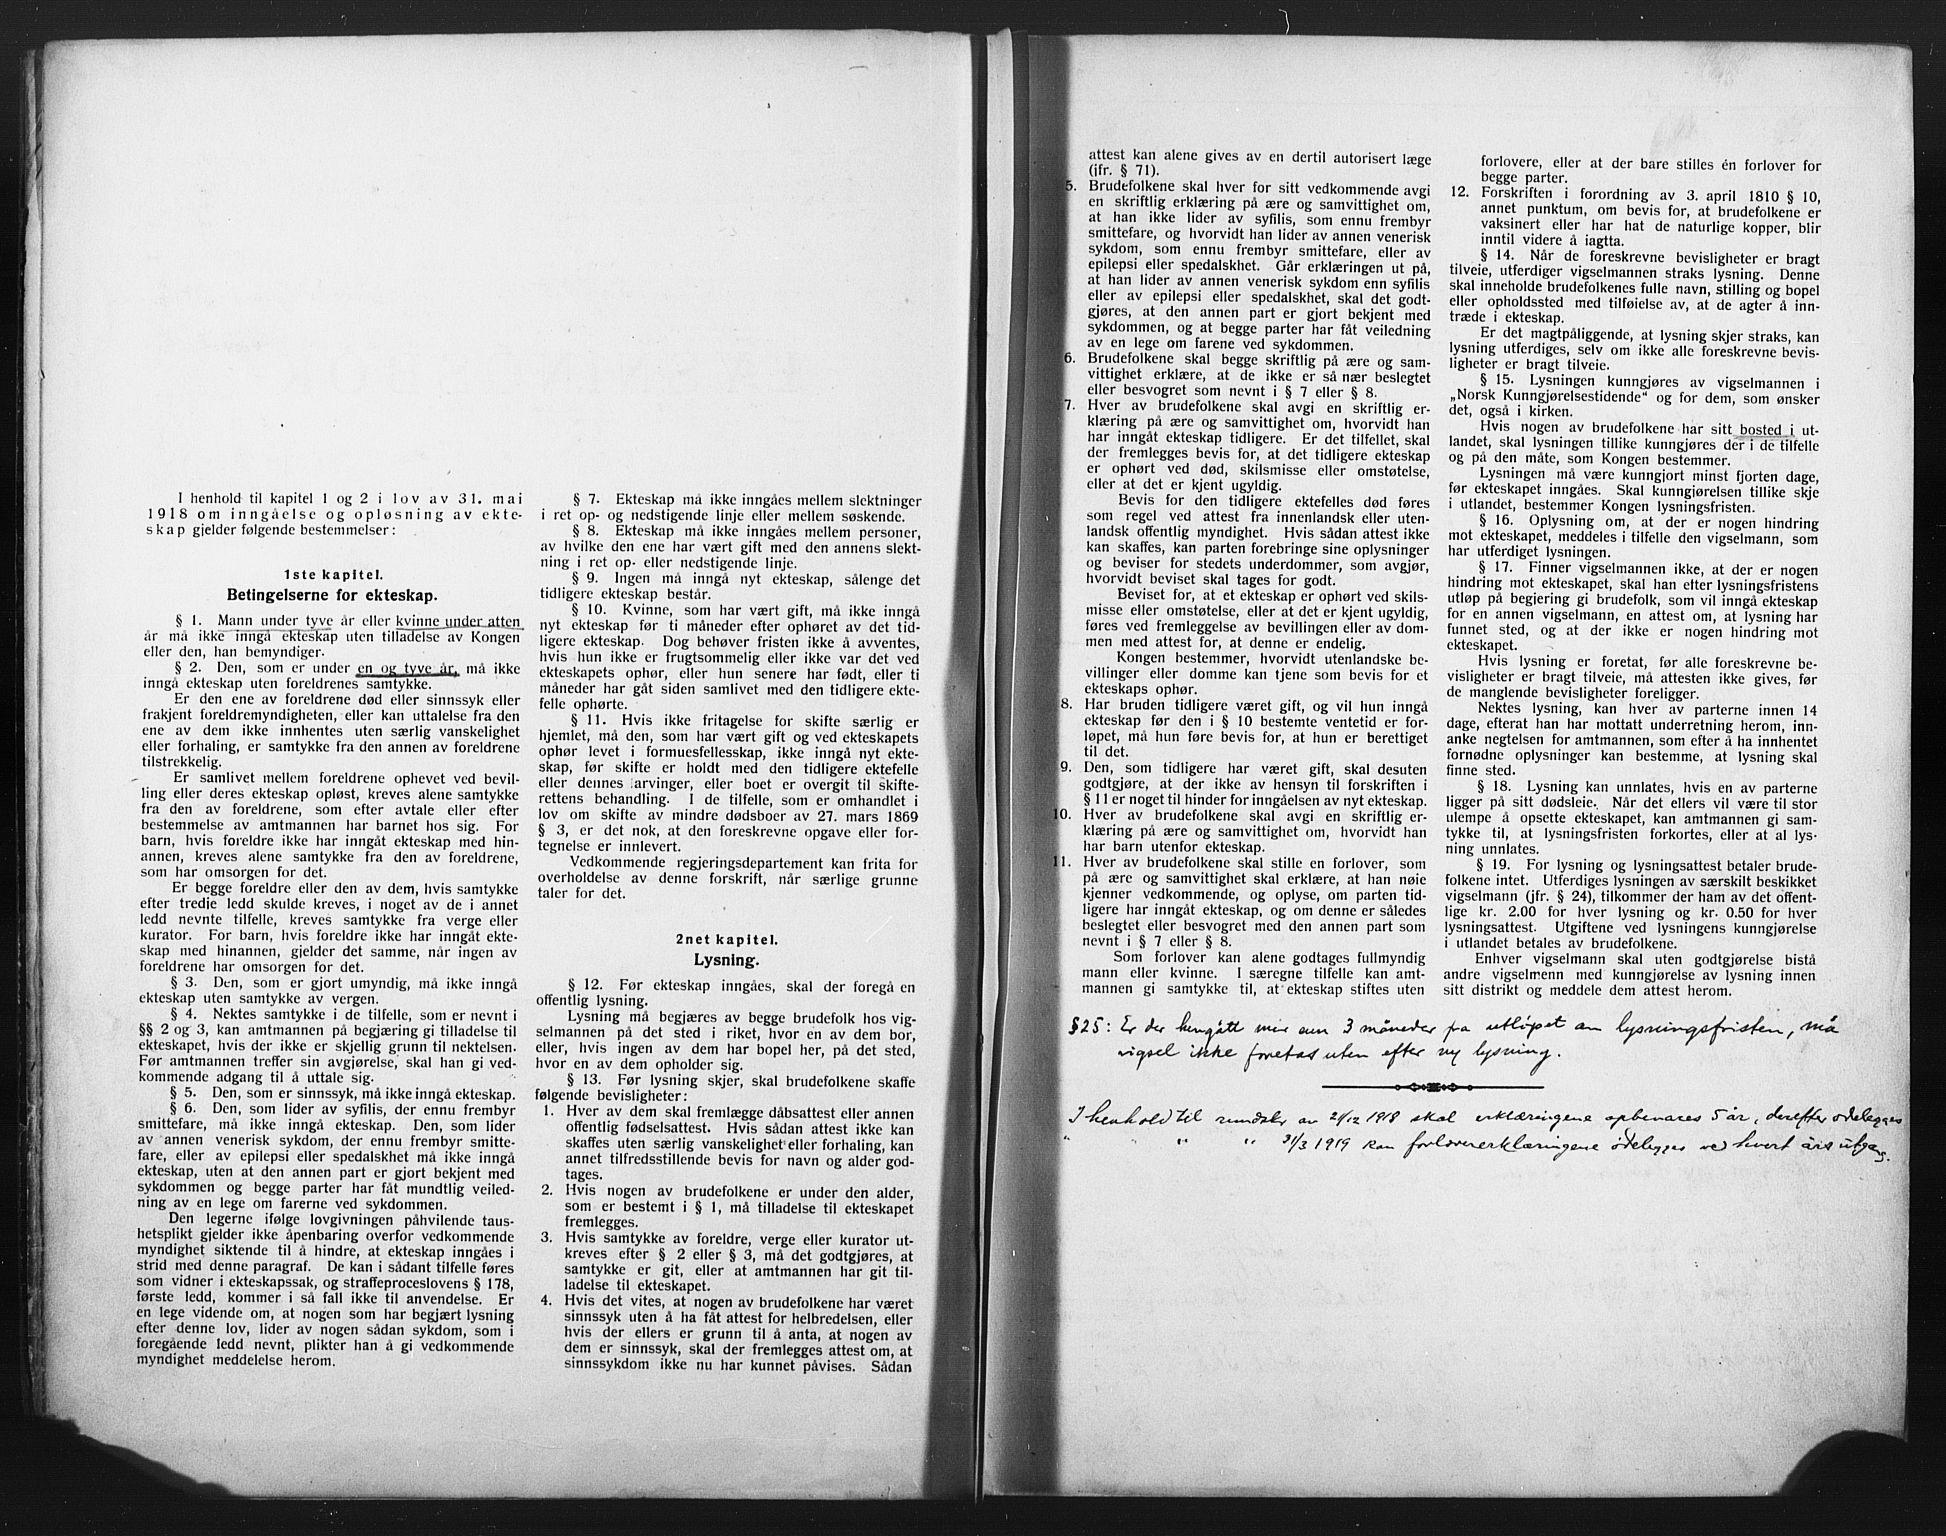 SAKO, Skien kirkebøker, H/Ha/L0001: Lysningsprotokoll nr. 1, 1919-1929